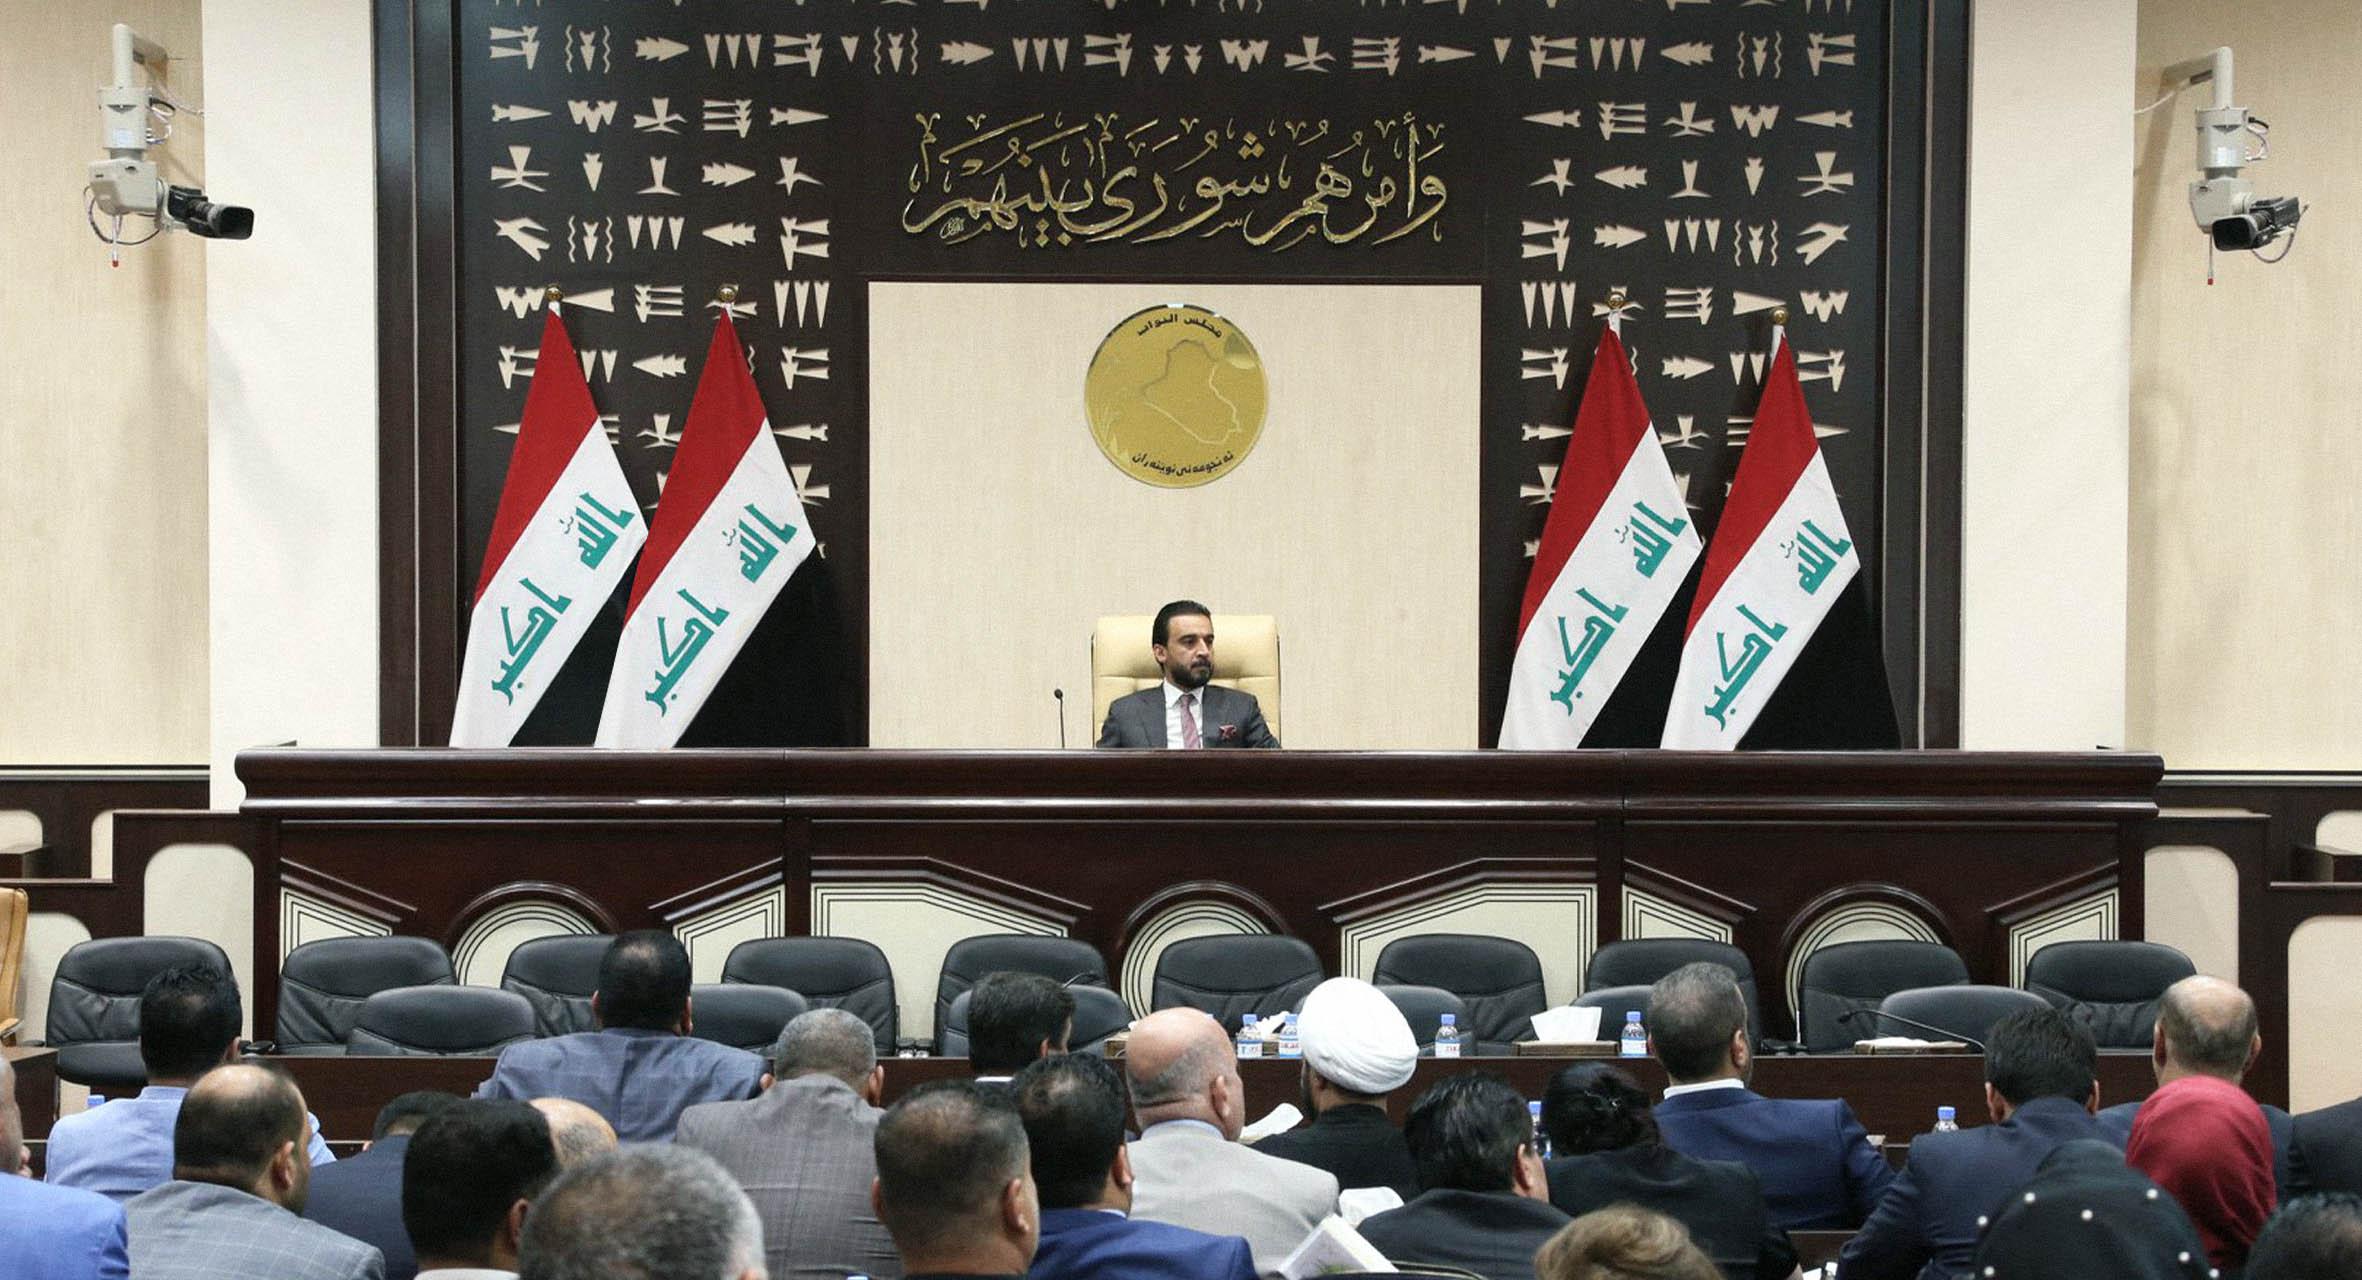 صورة البرلمان العراقي يحقق بشبهات فساد سبقته إليها جهات أخرى